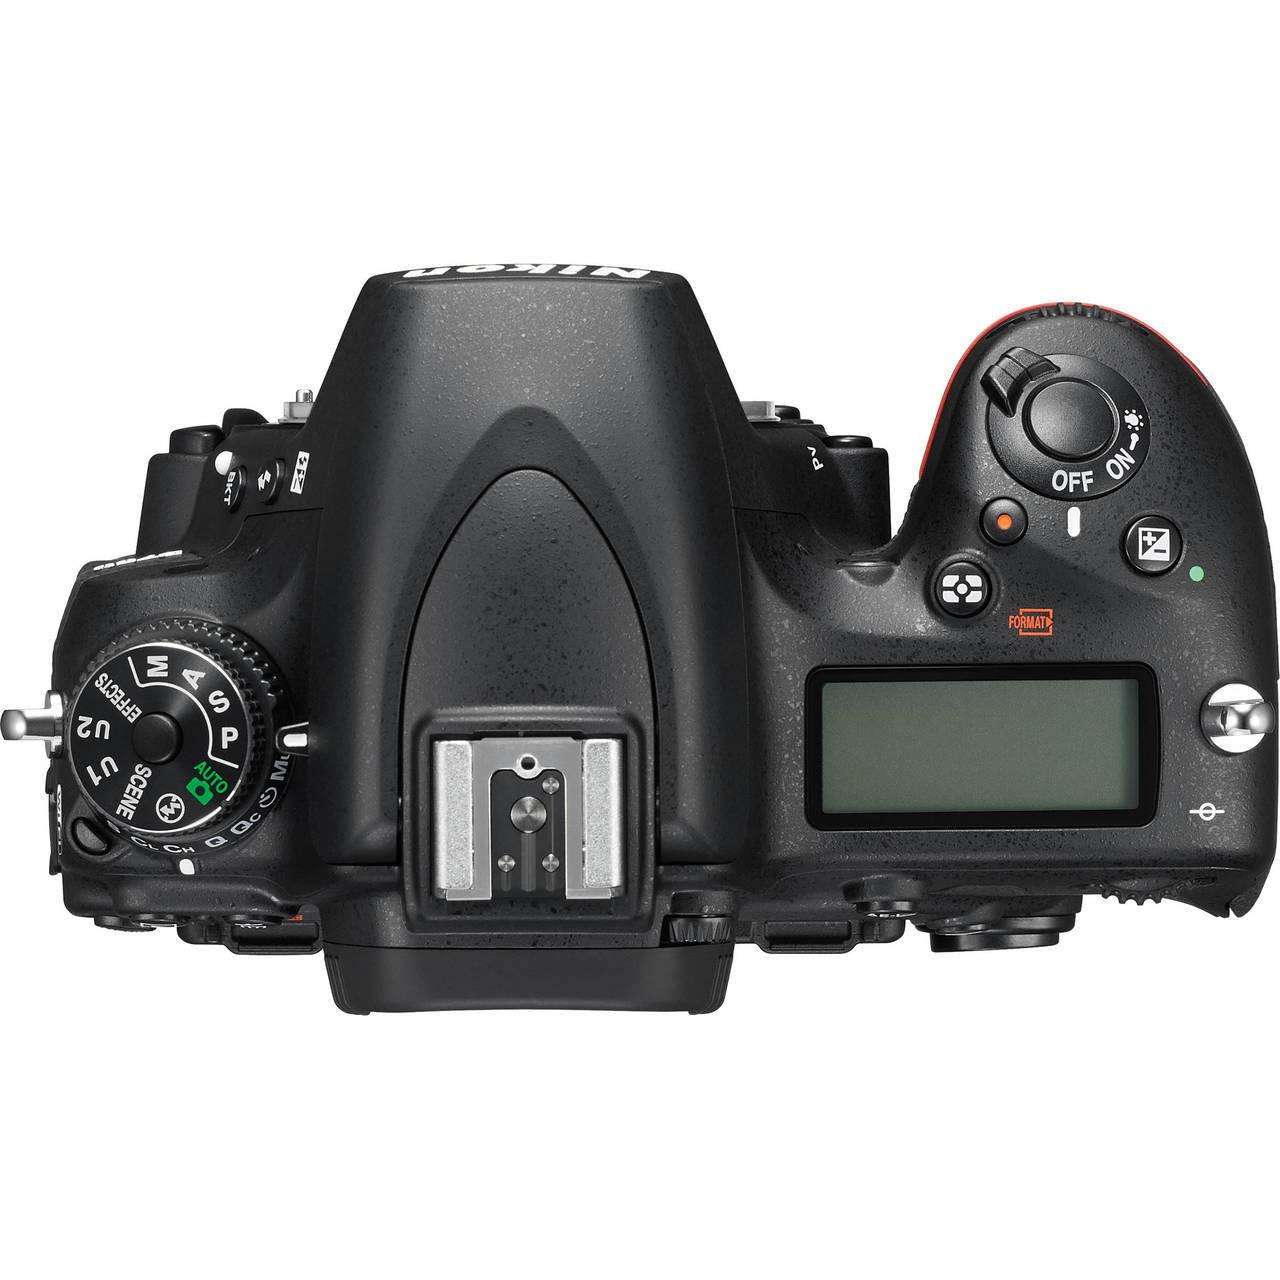 Nikon D750 Top View